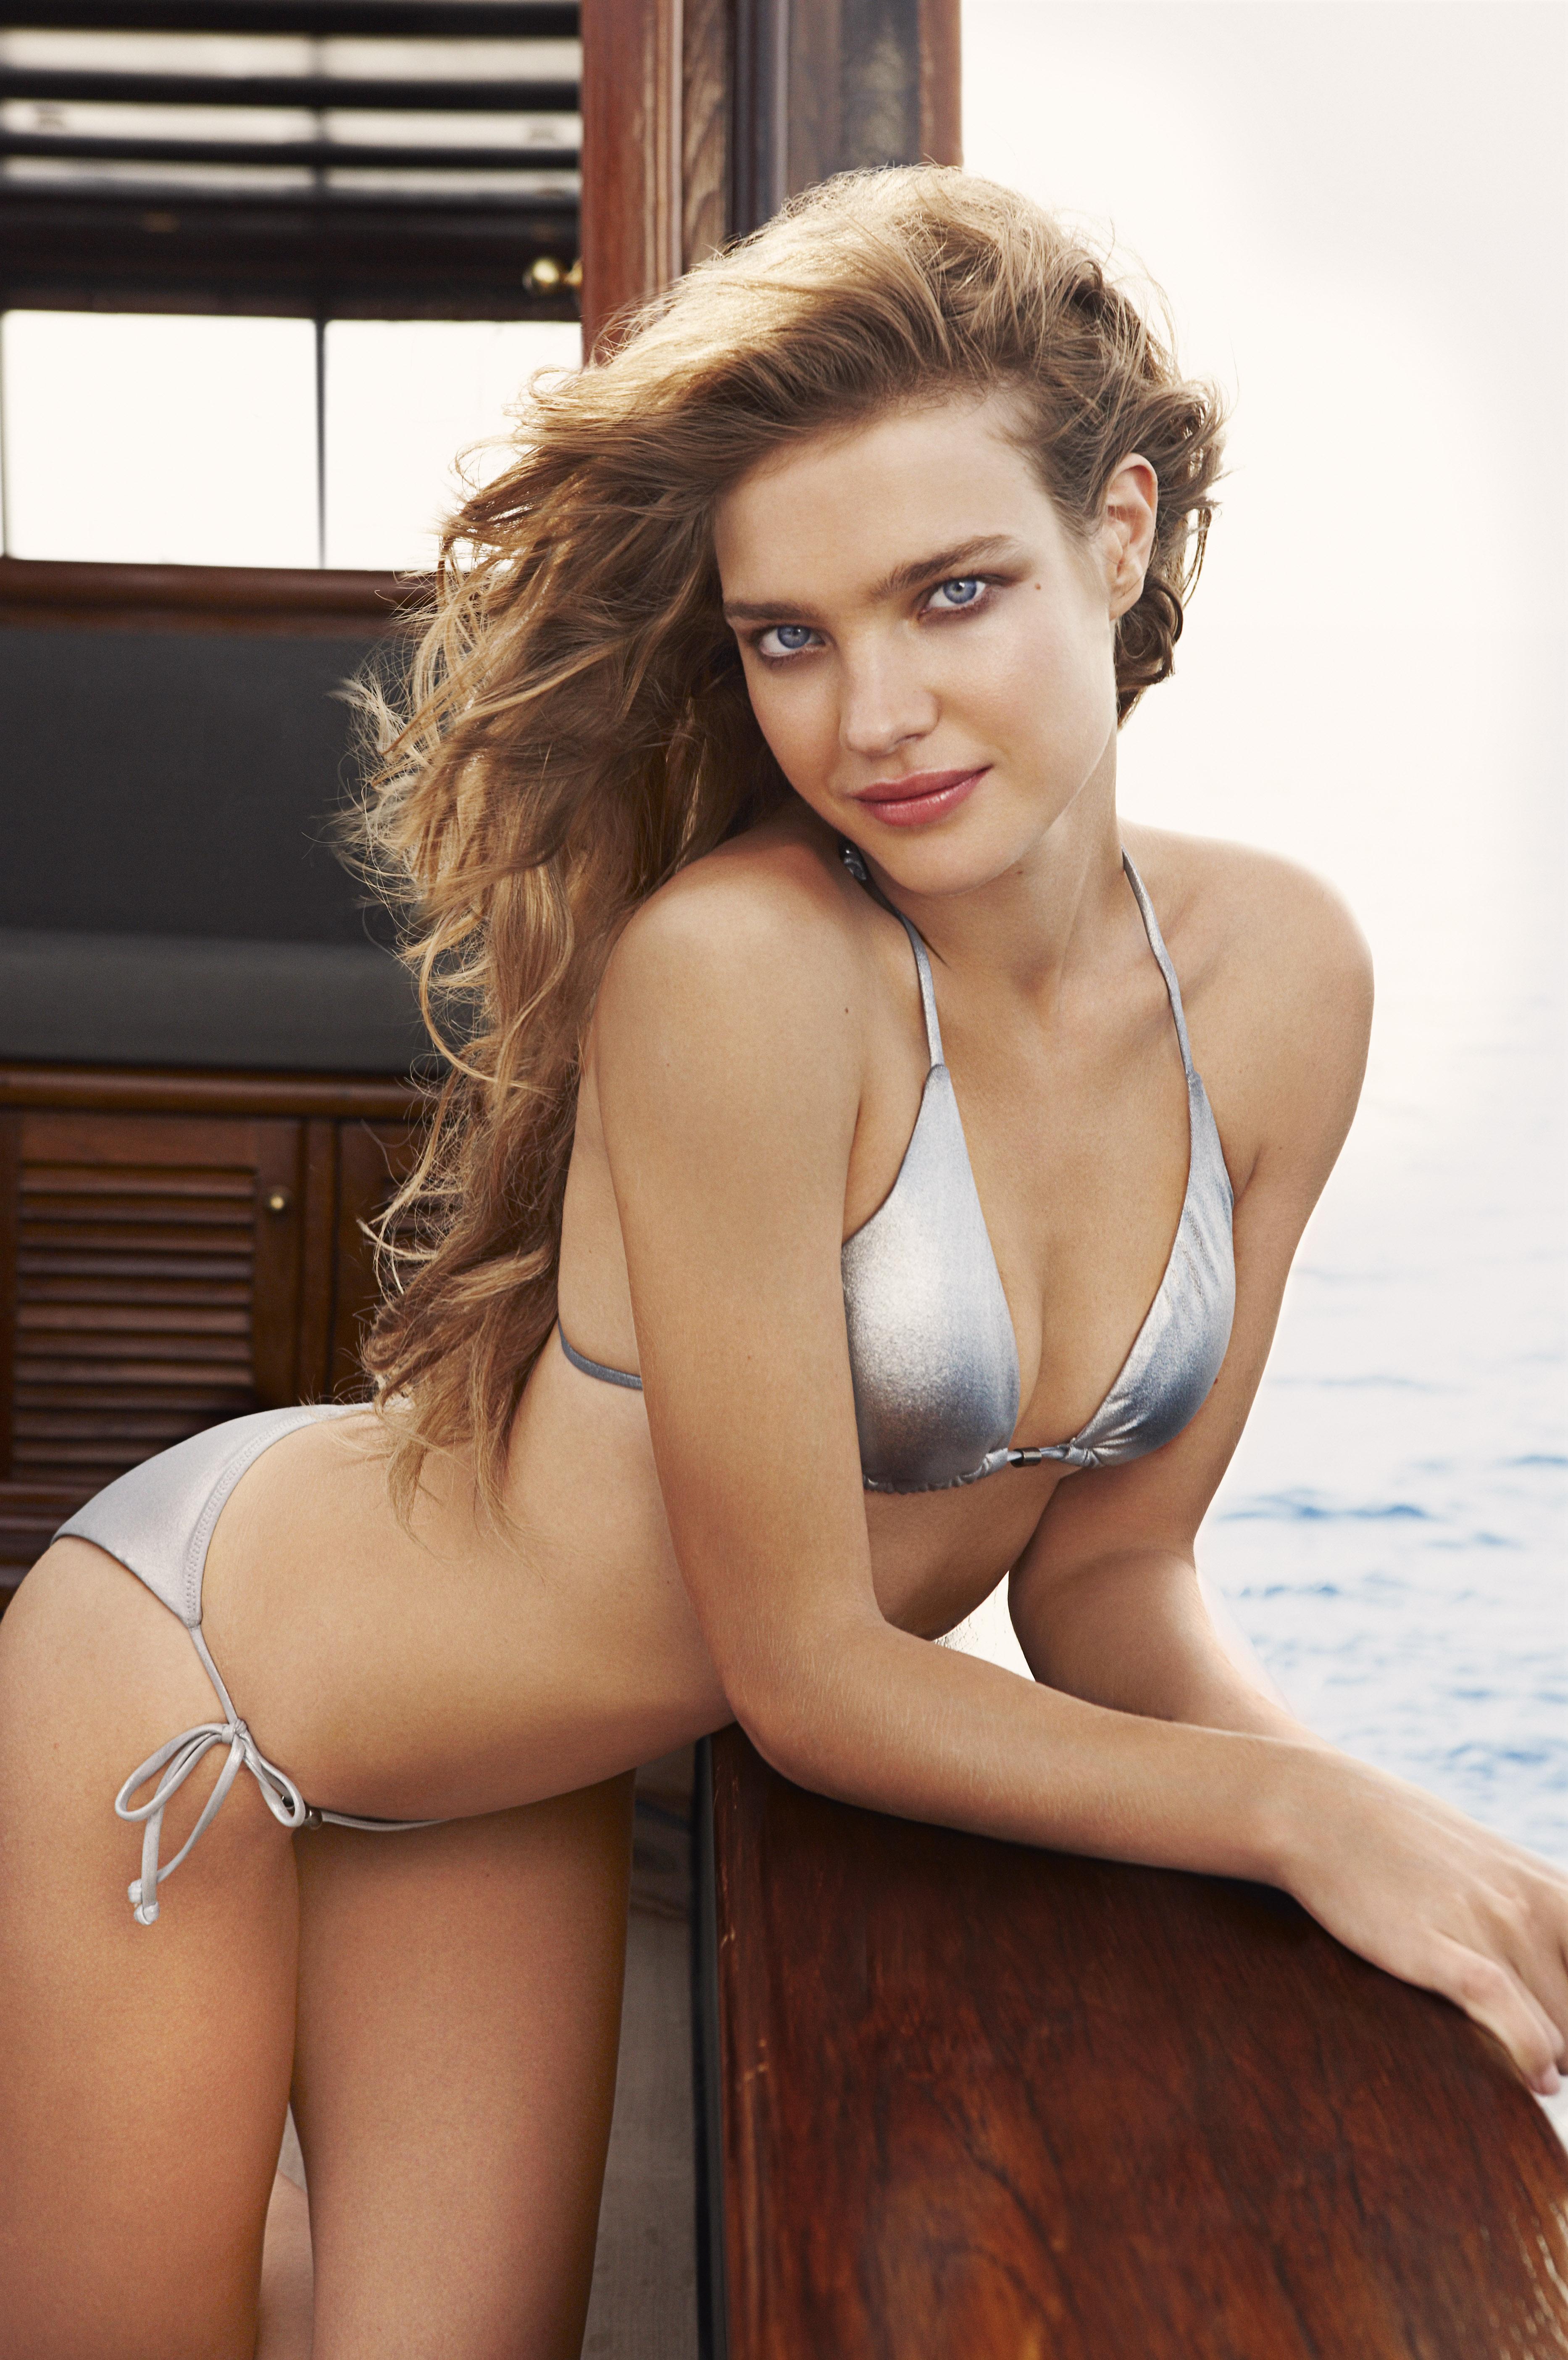 Самая красивая и голая девочка мира 2 фотография